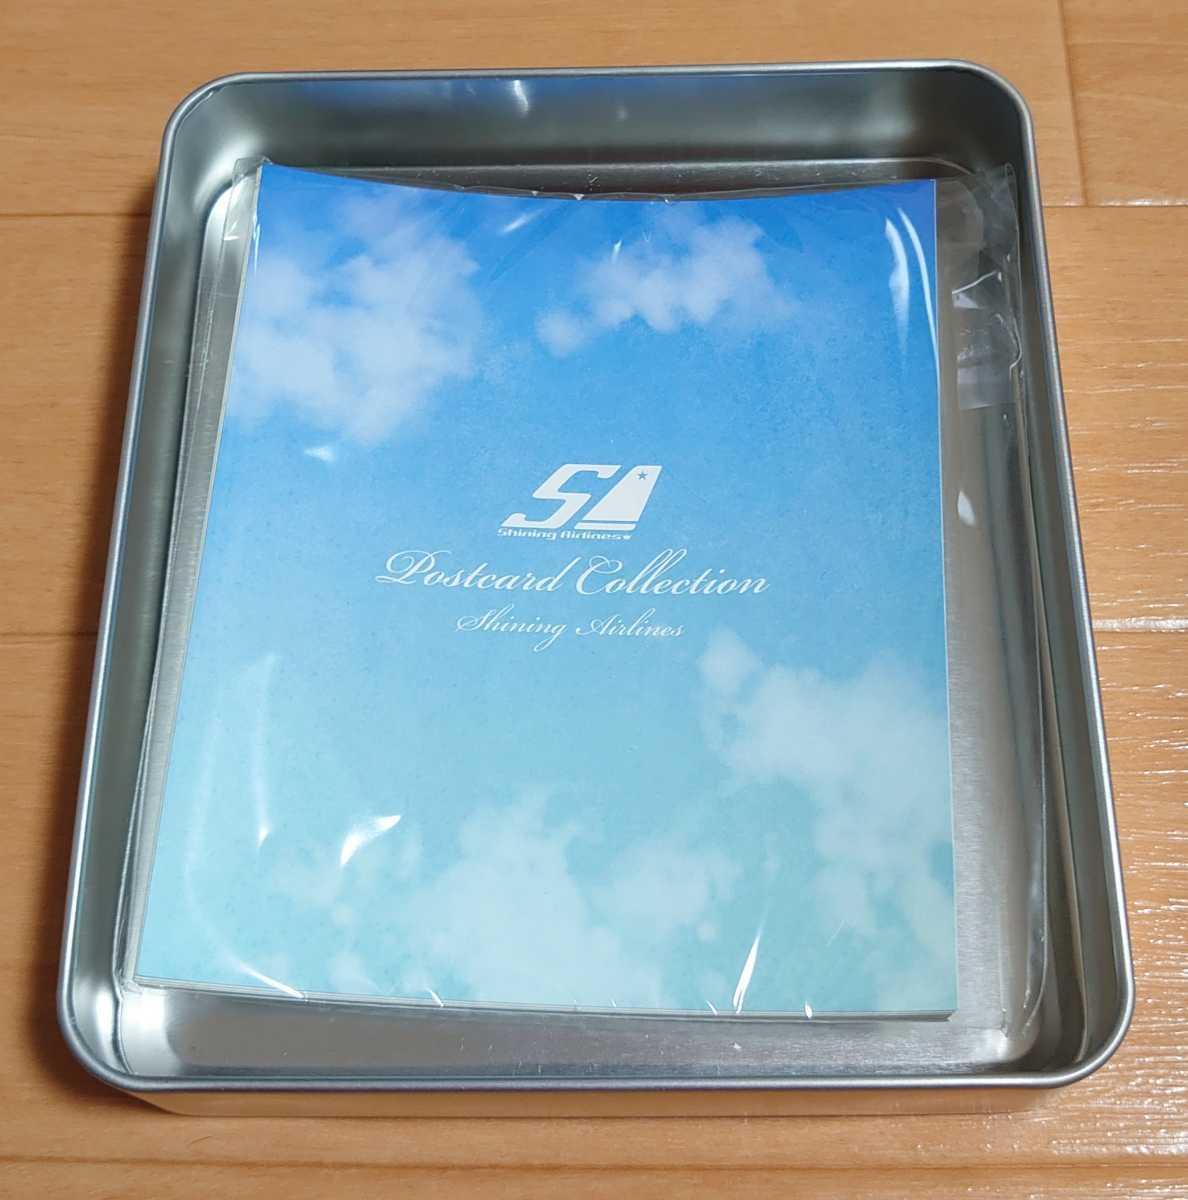 うたの☆プリンスさまっ♪ Shining Airlines 缶入りポストカードコレクション 全12枚入り うたプリ 11人セット AGF 未開封 シャイニング_画像2